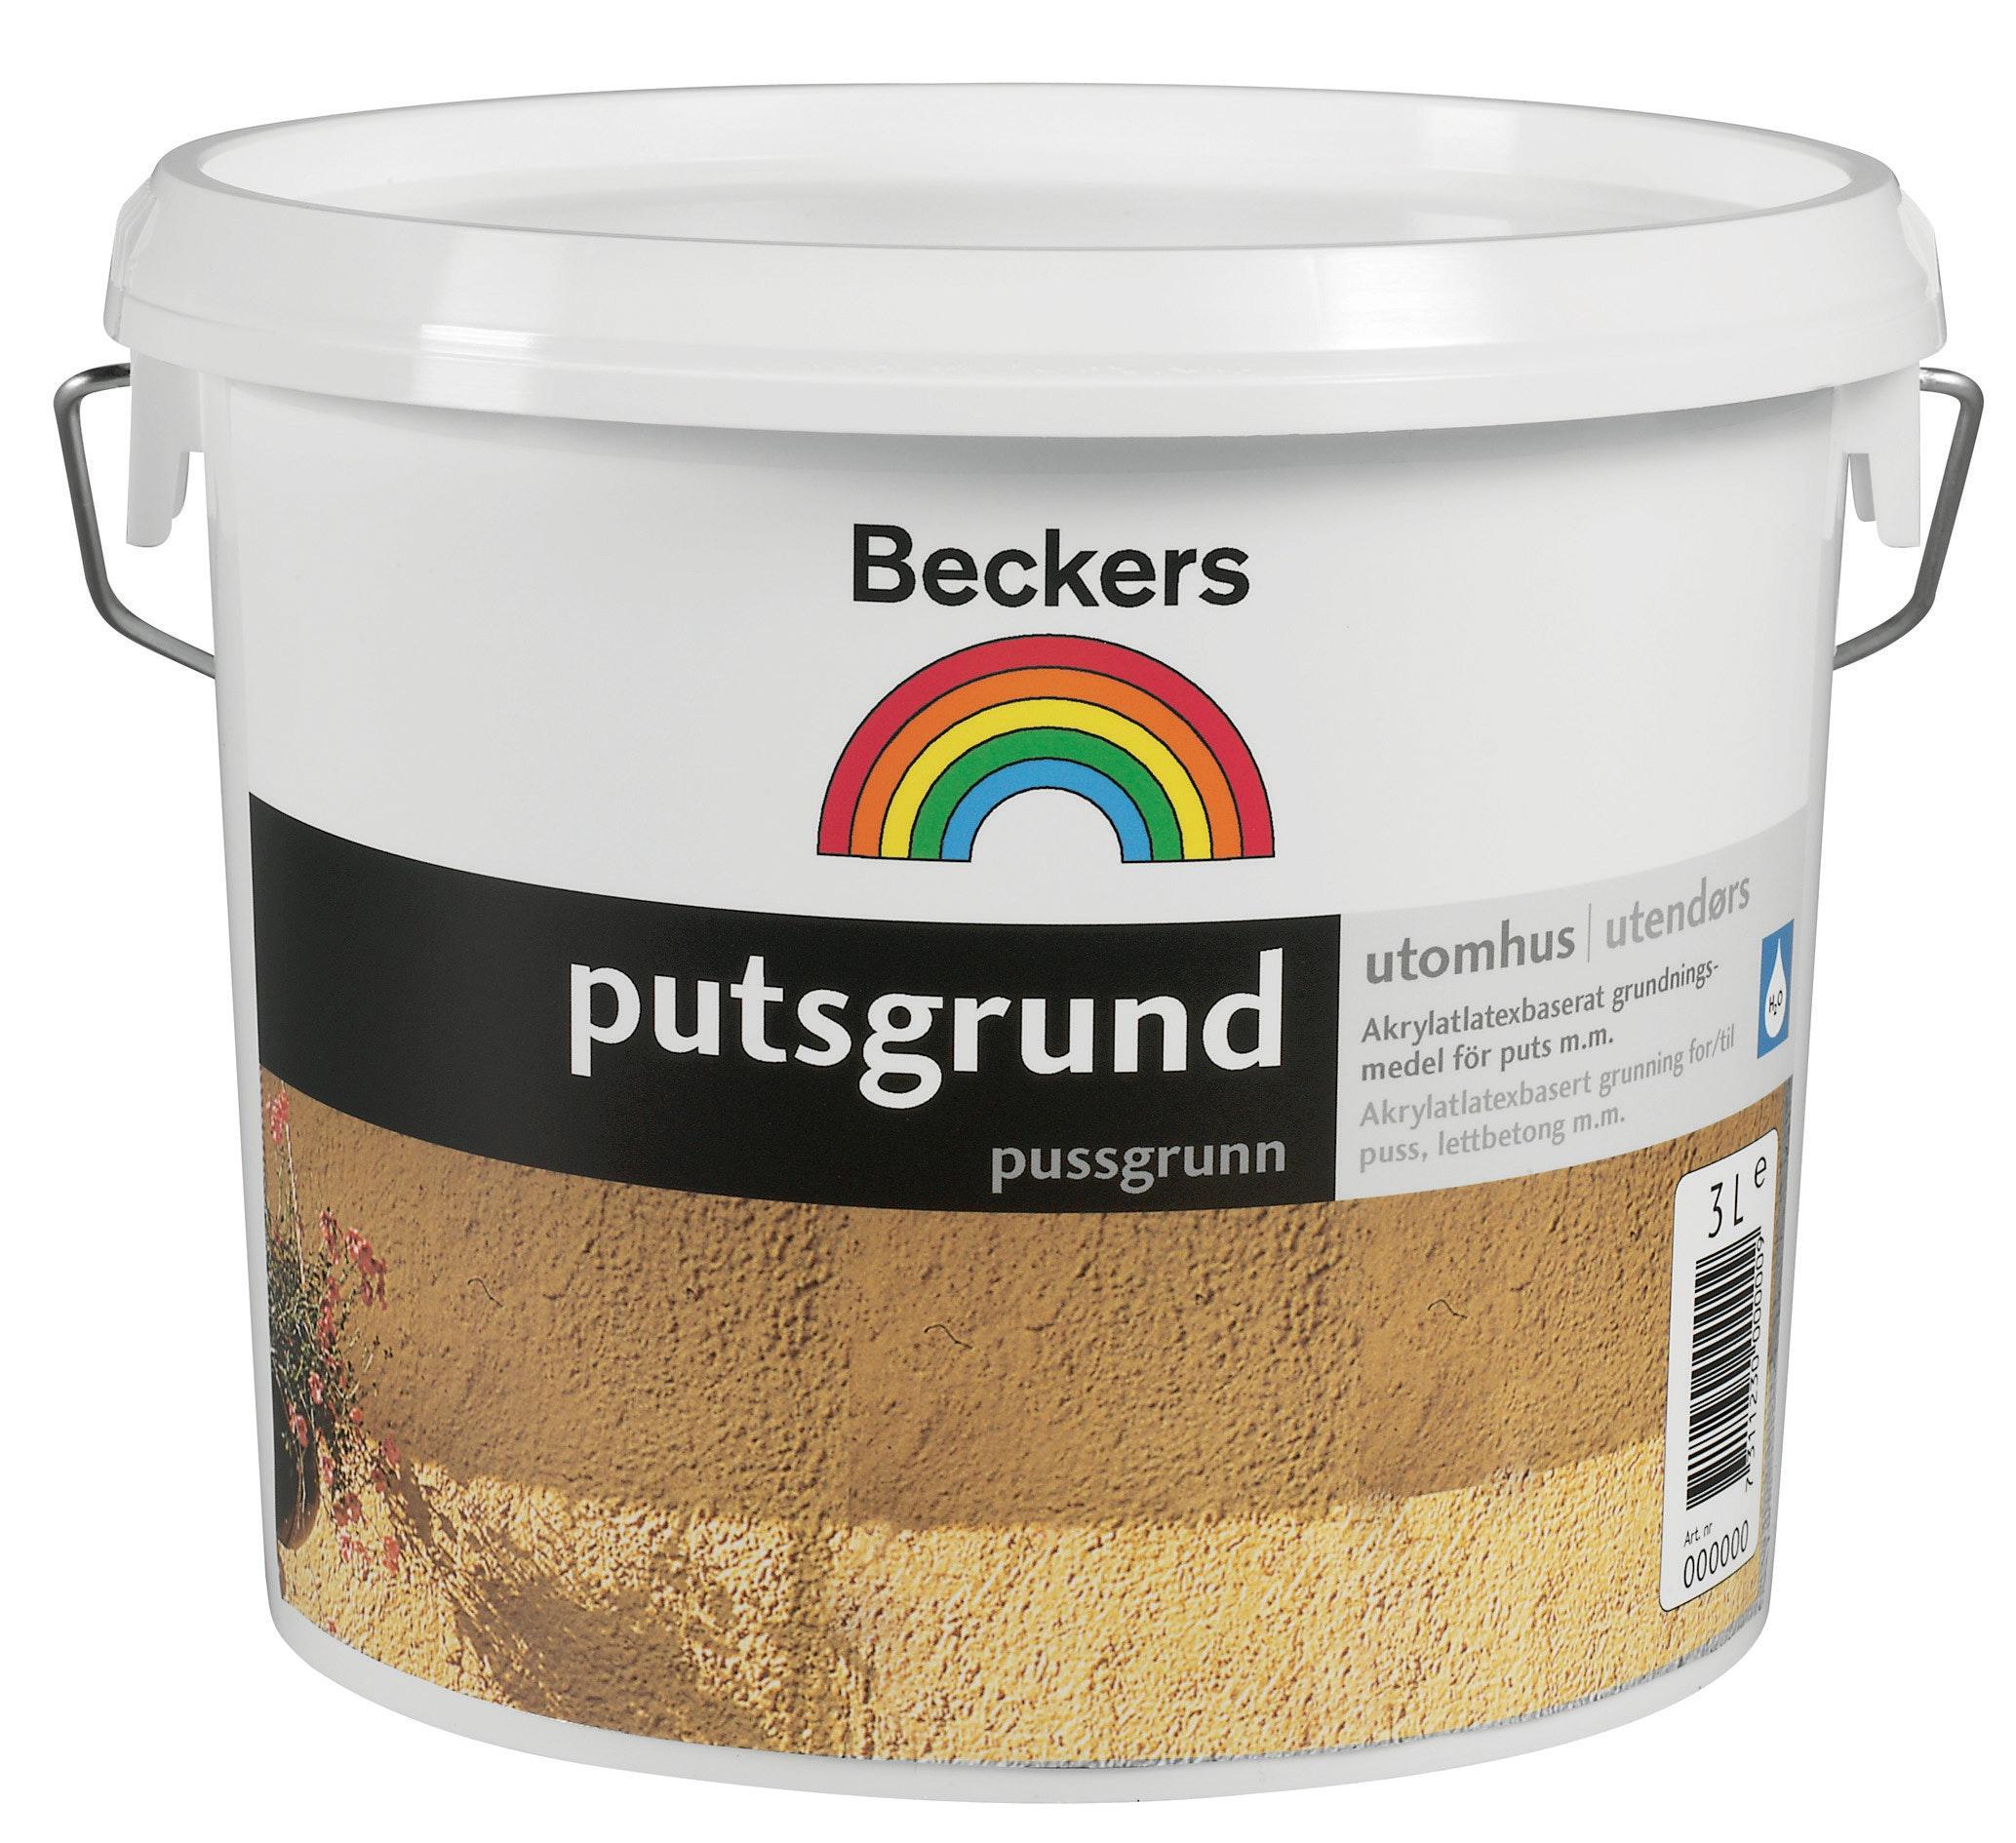 Putsgrund Beckers 10L